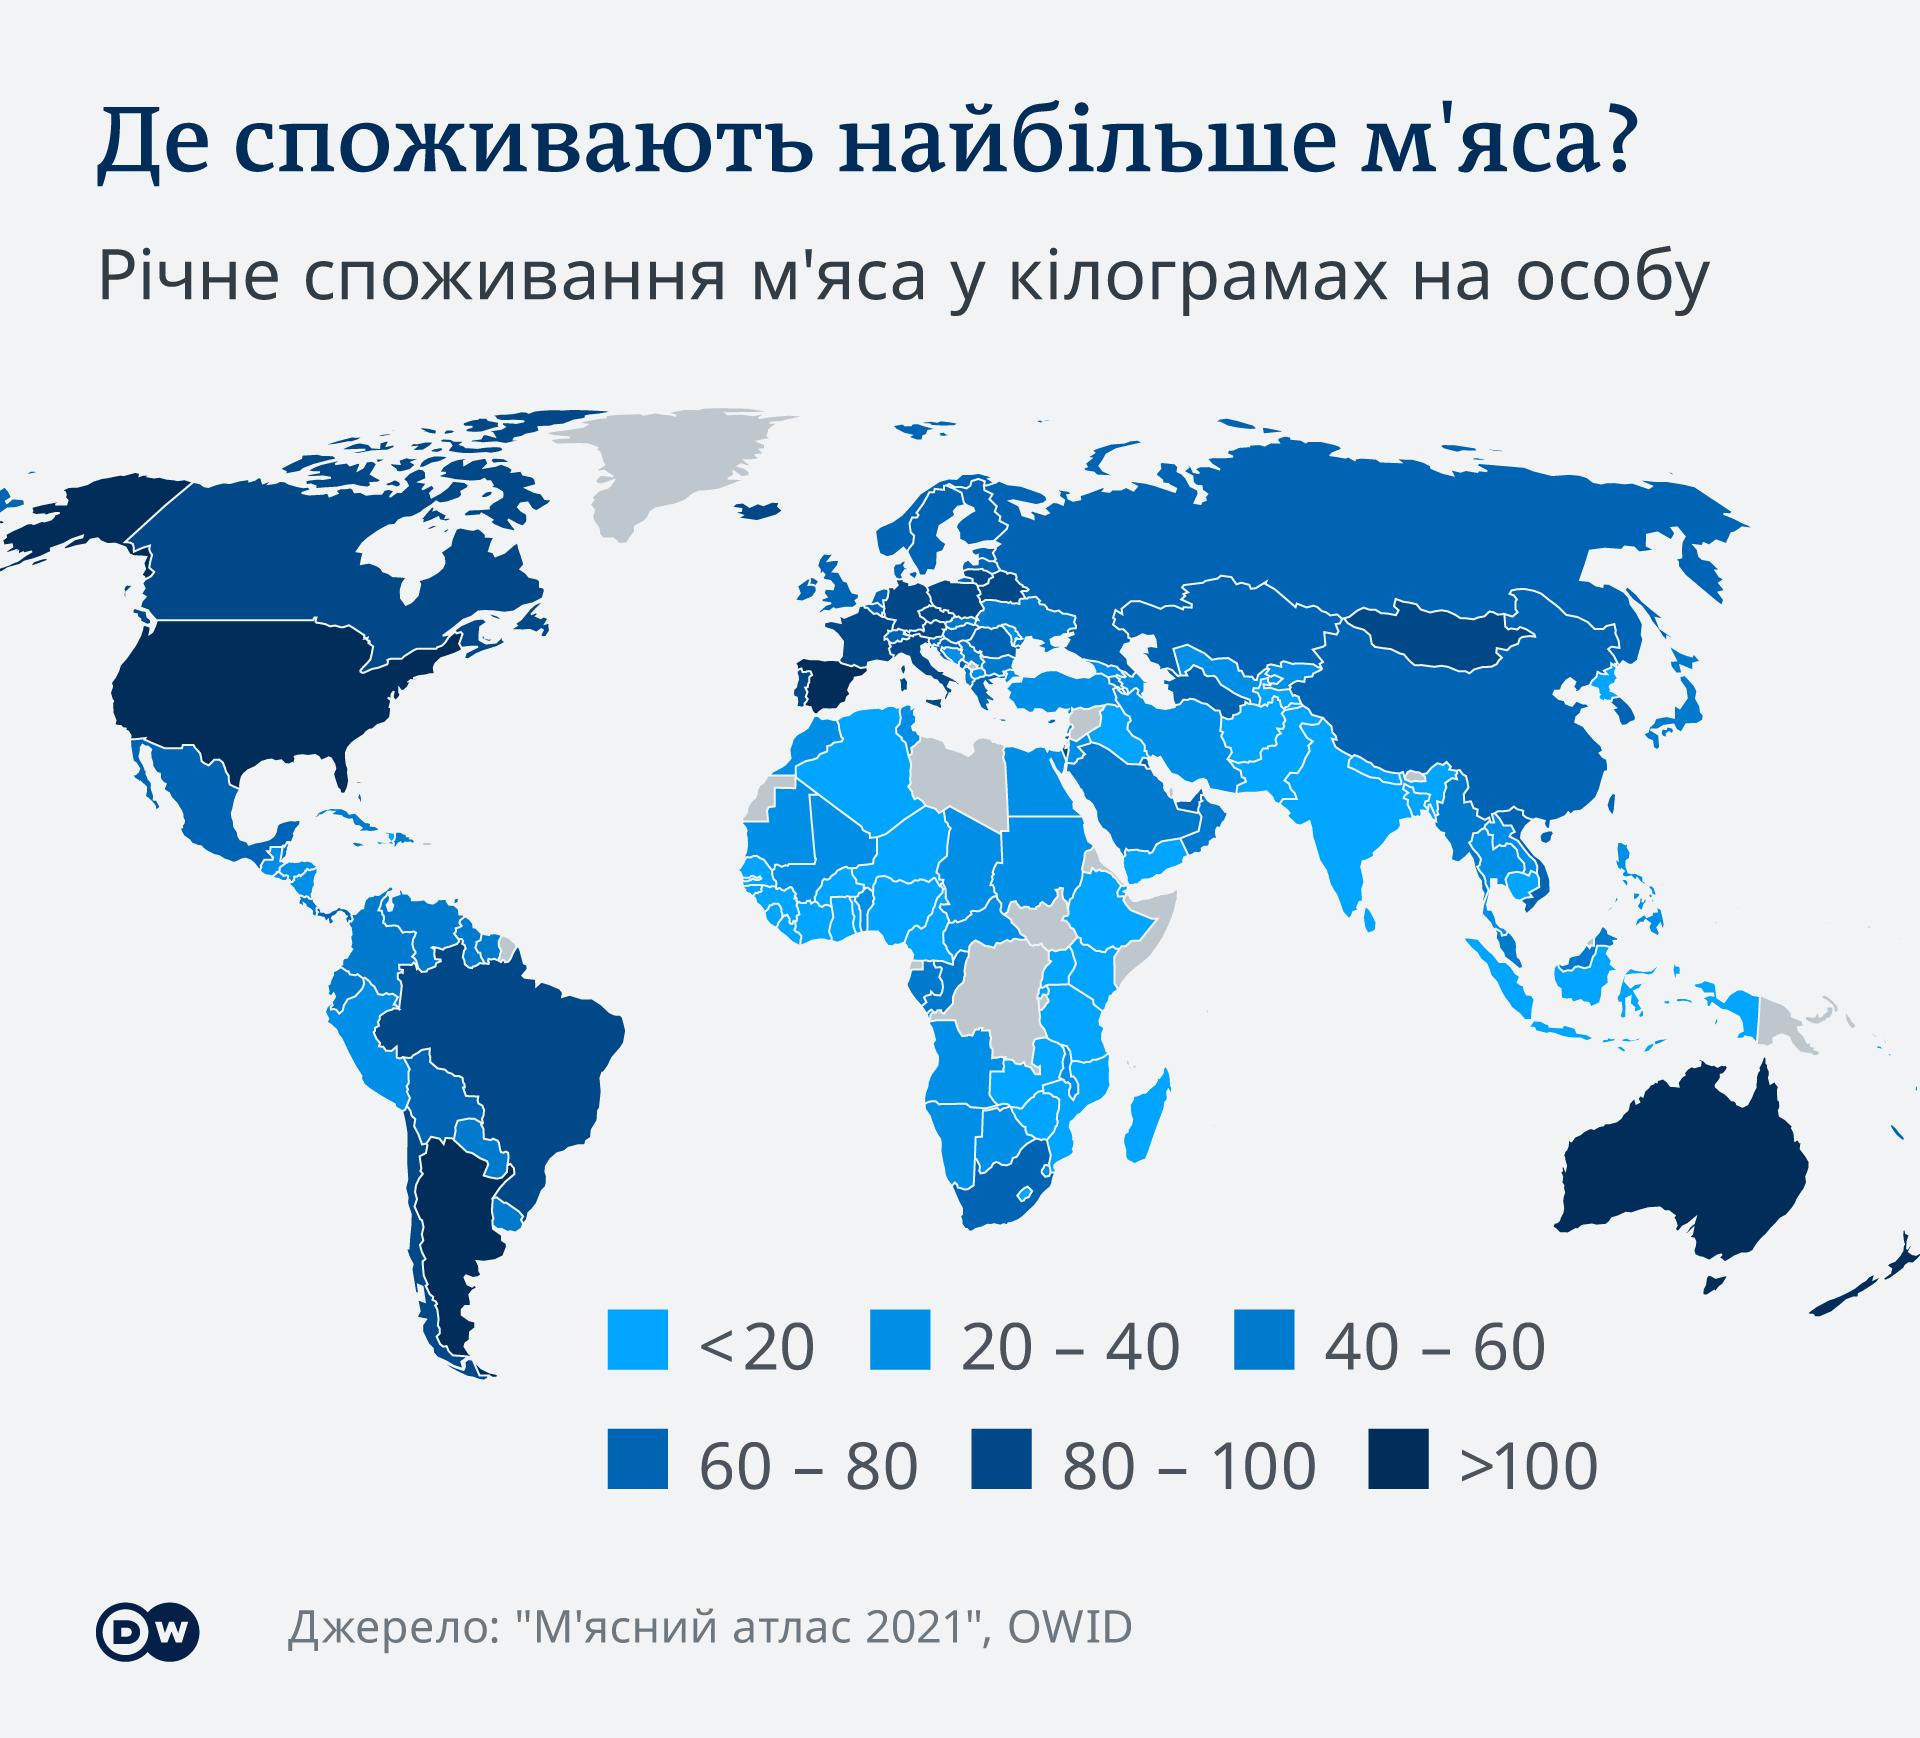 Інфографіка - мапа обсягів споживання м'яса у різних країнах світу